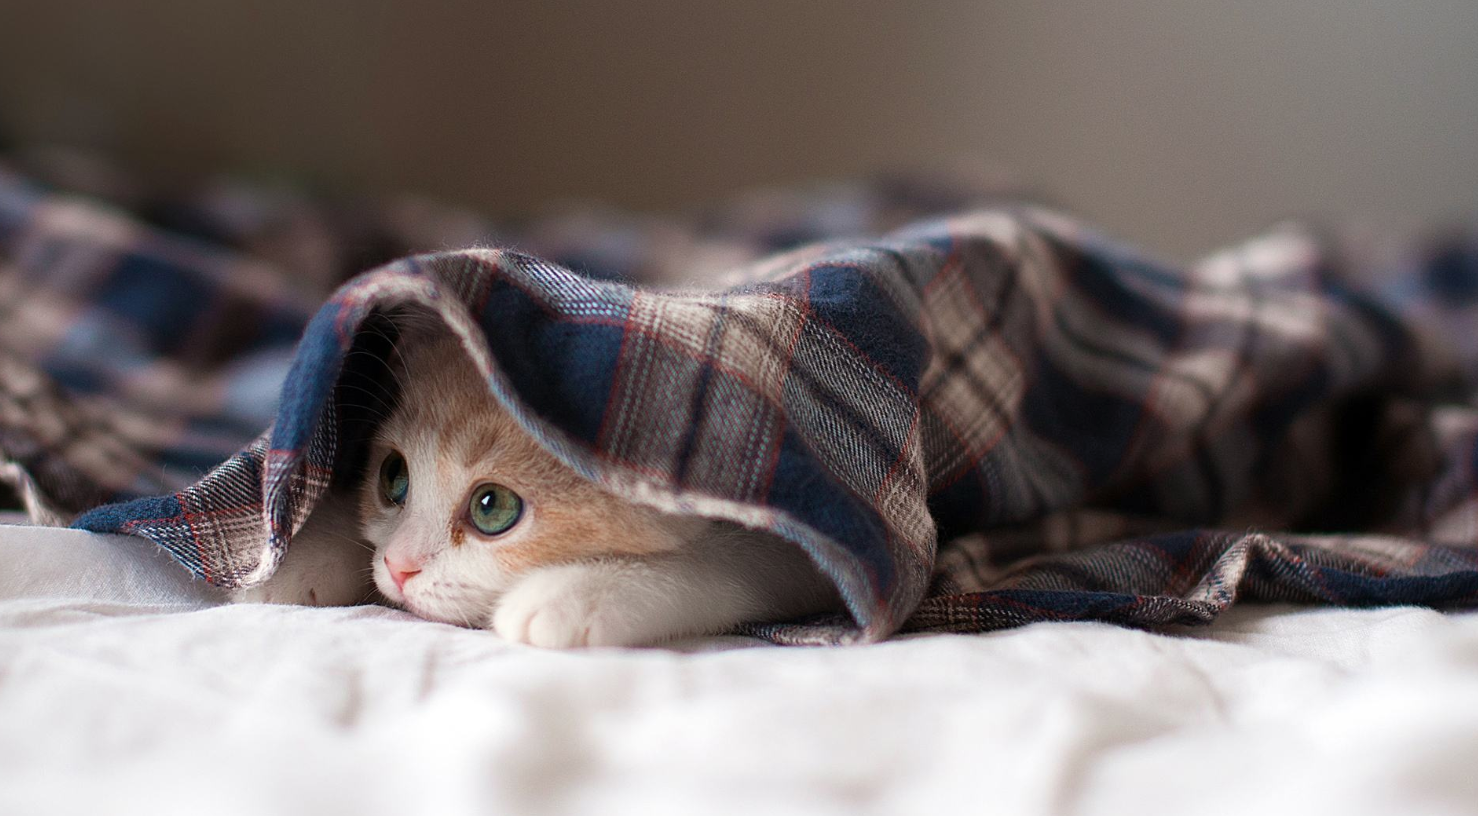 掌握这七条挑选猫咪的要点,不会买到病猫,不会上当受骗,请收藏!